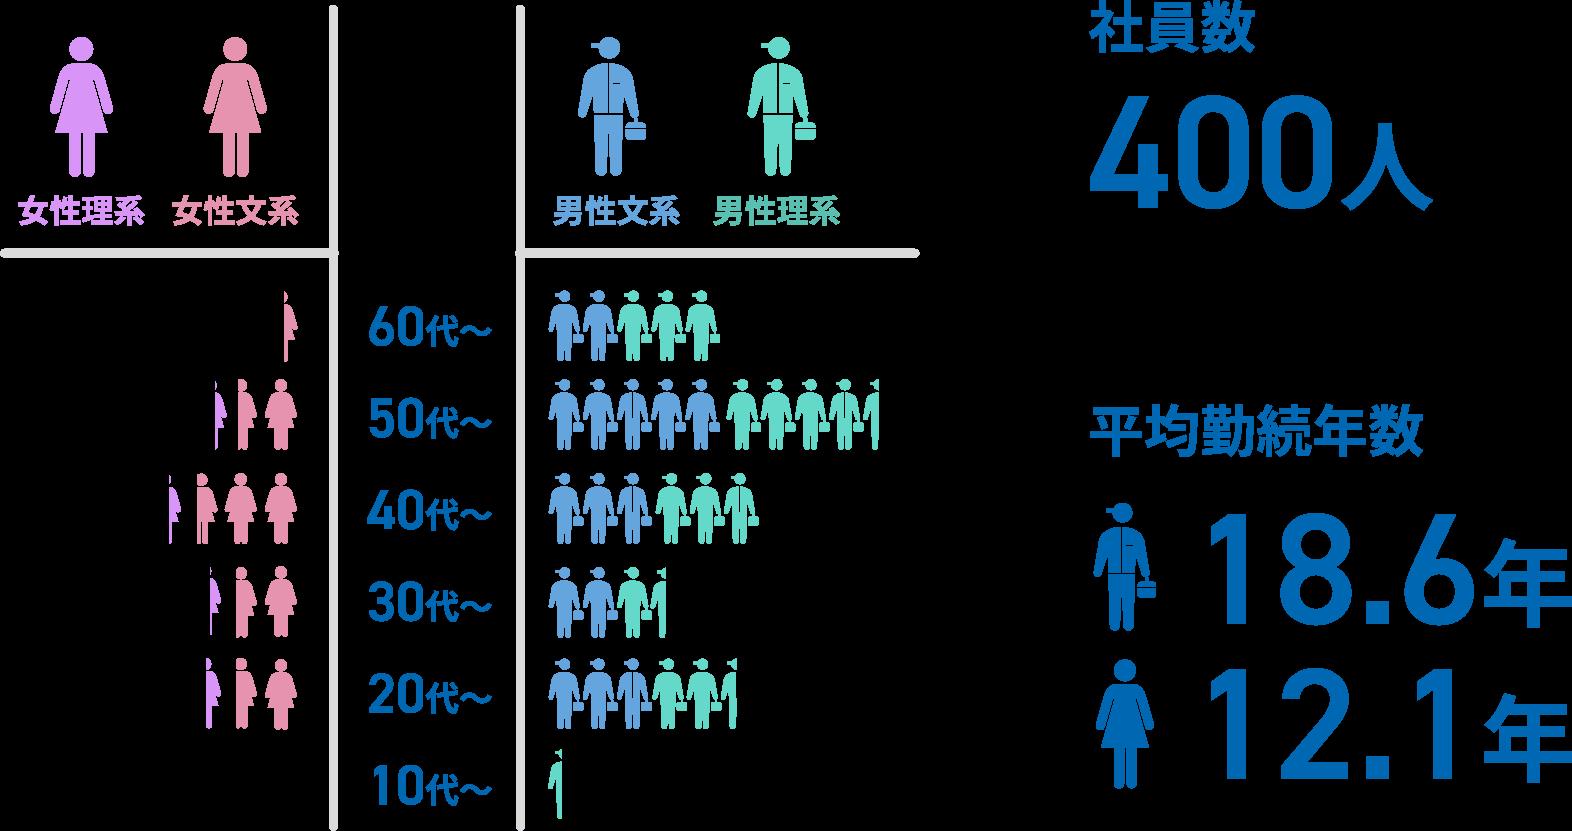 女性理系 女性文系 男性文系 男性理系 60代〜 50代〜 40代〜 30代〜 20代〜 10代〜 社員数 400人 平均勤続年数 18.6年 12.1年